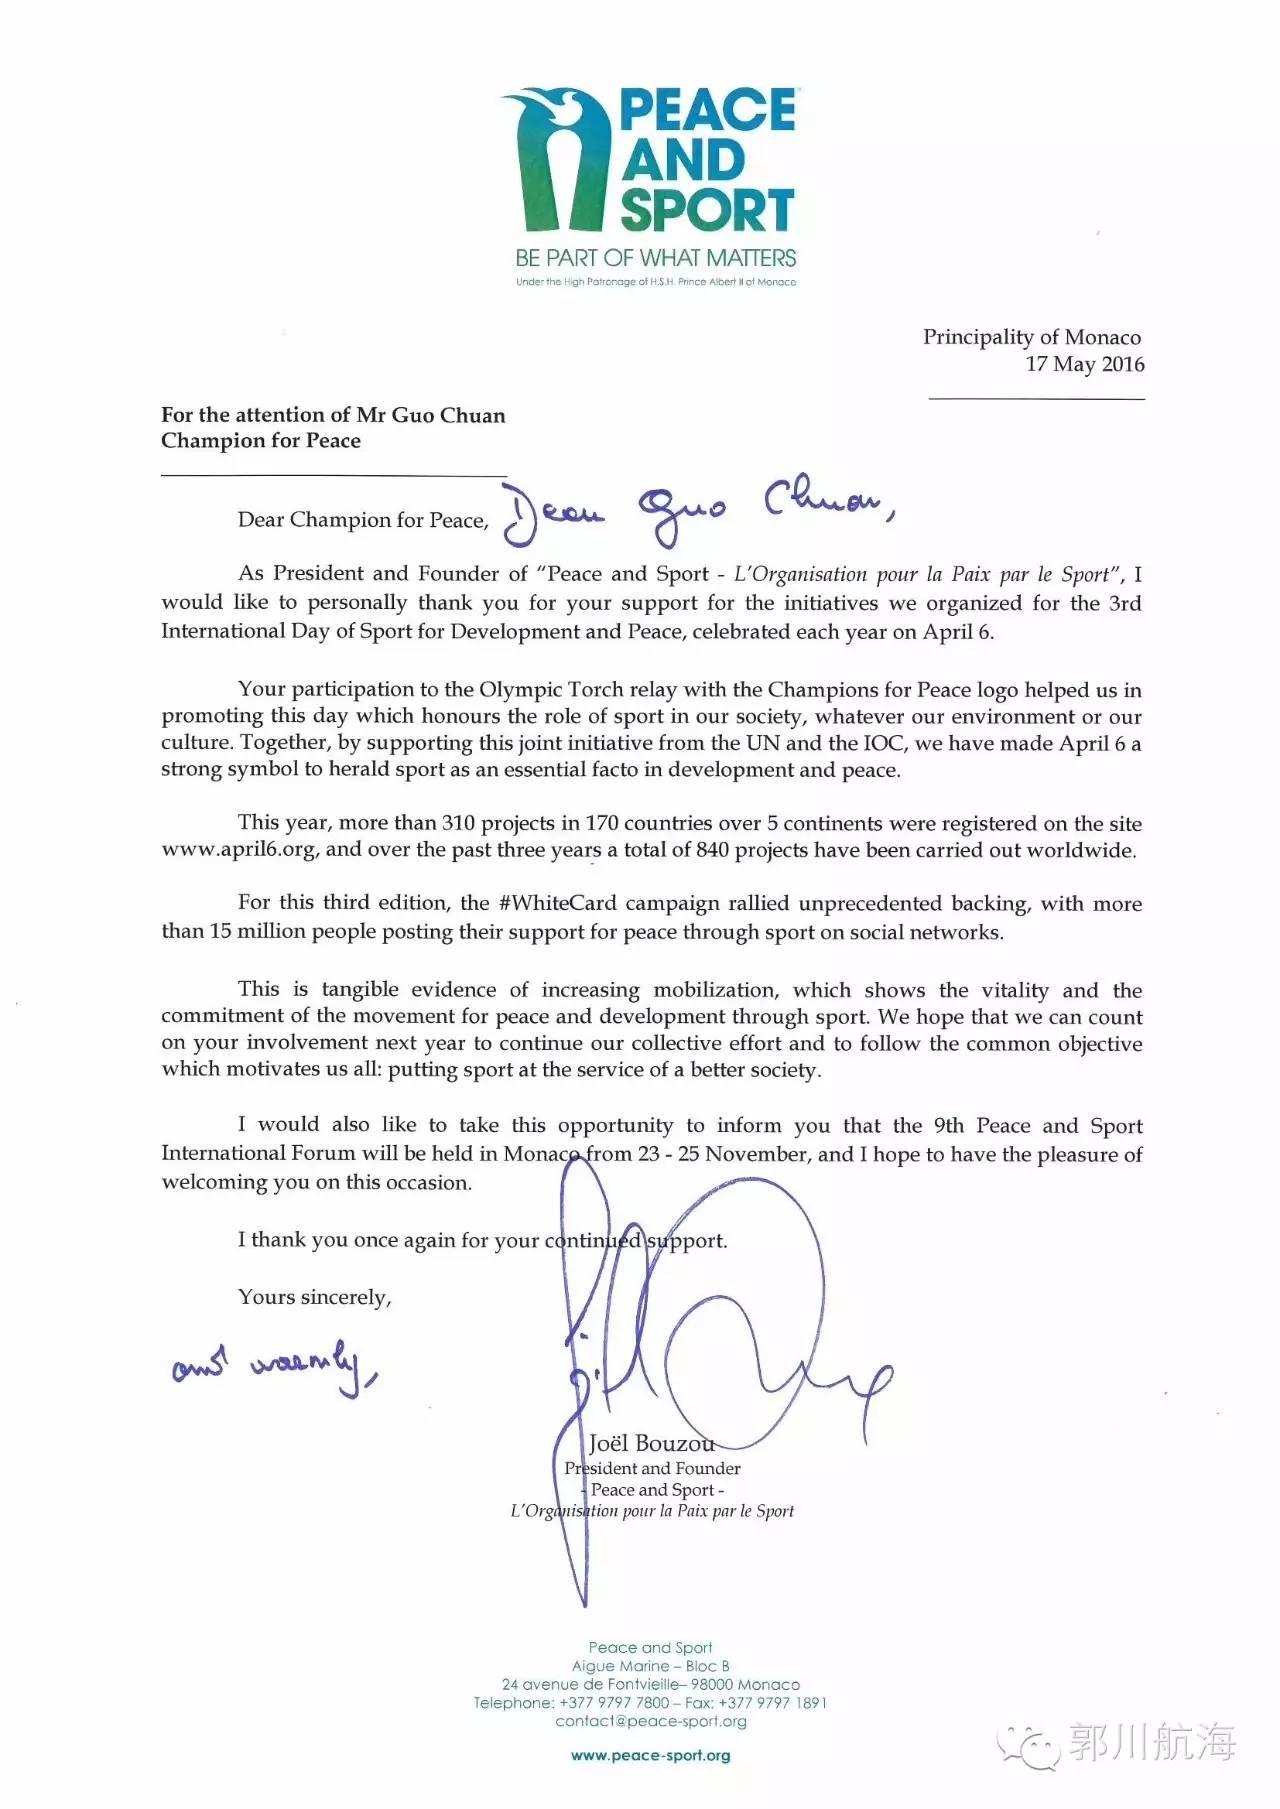 摩纳哥亲王,国际奥委会,中国船长,太平洋,联合国 以体育之力助世界和平,中国船长和摩纳哥亲王相约里约奥运。 e5052cf8c77d3c791c587fb405d897c5.jpg